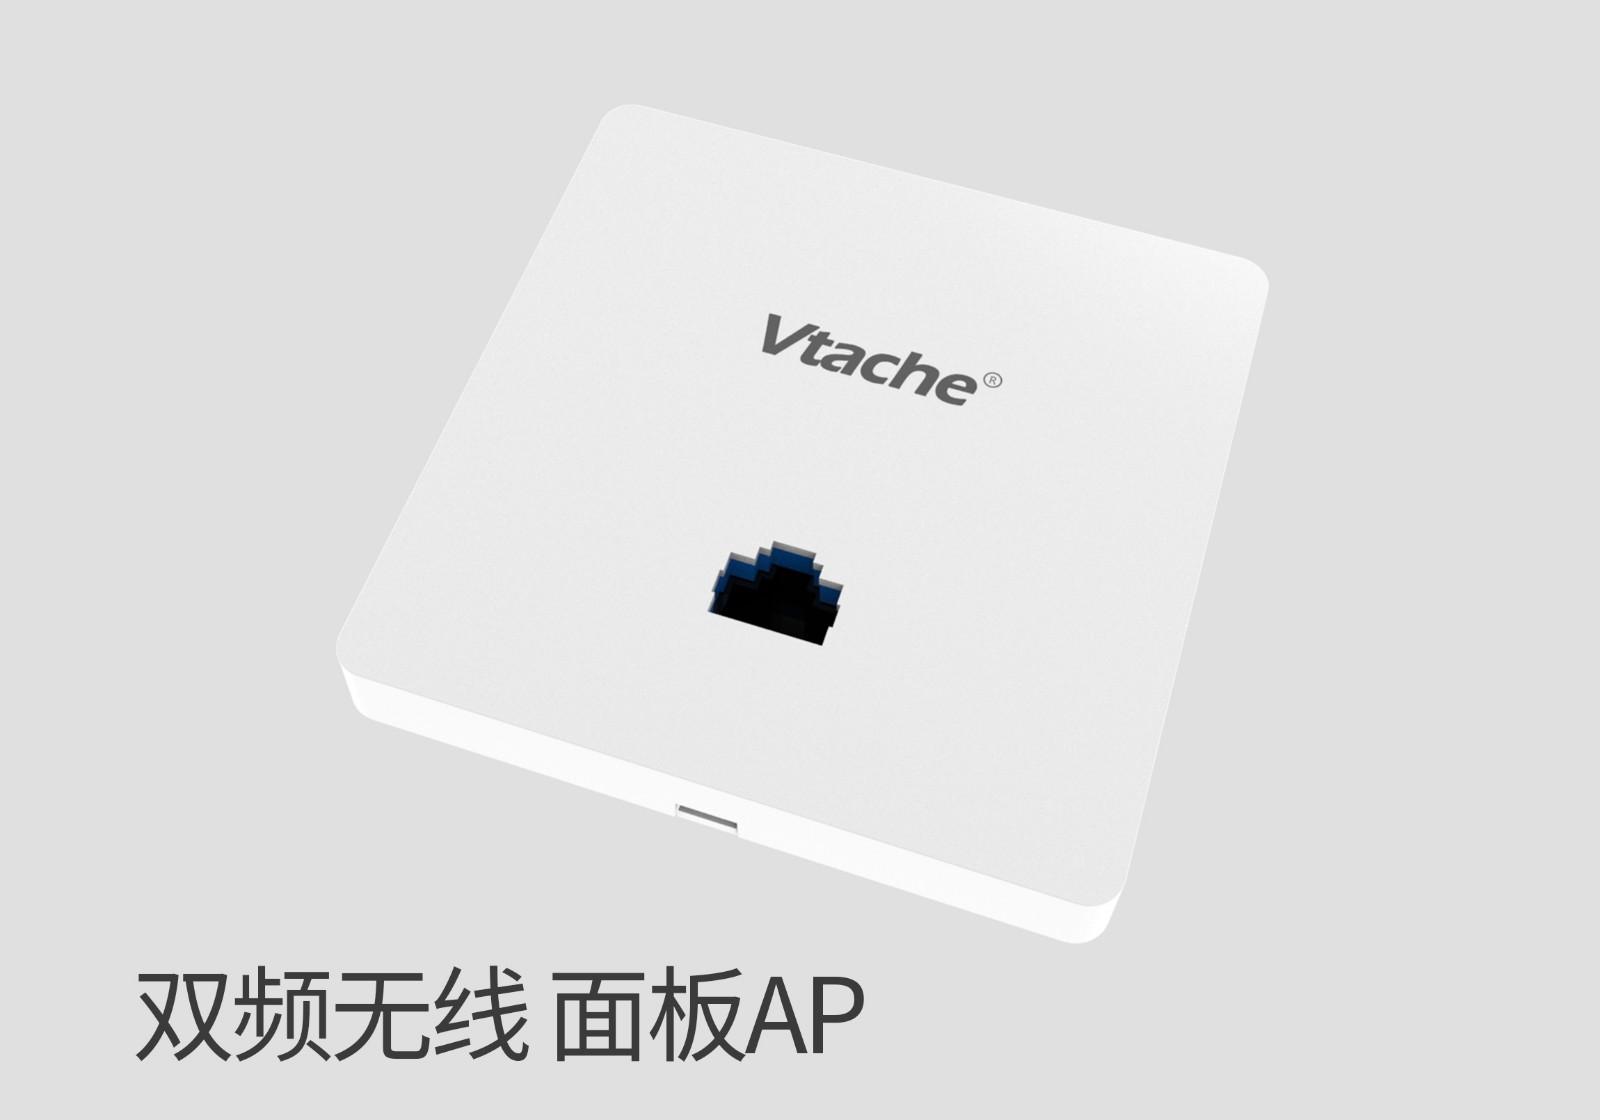 VT-AP4300-CW